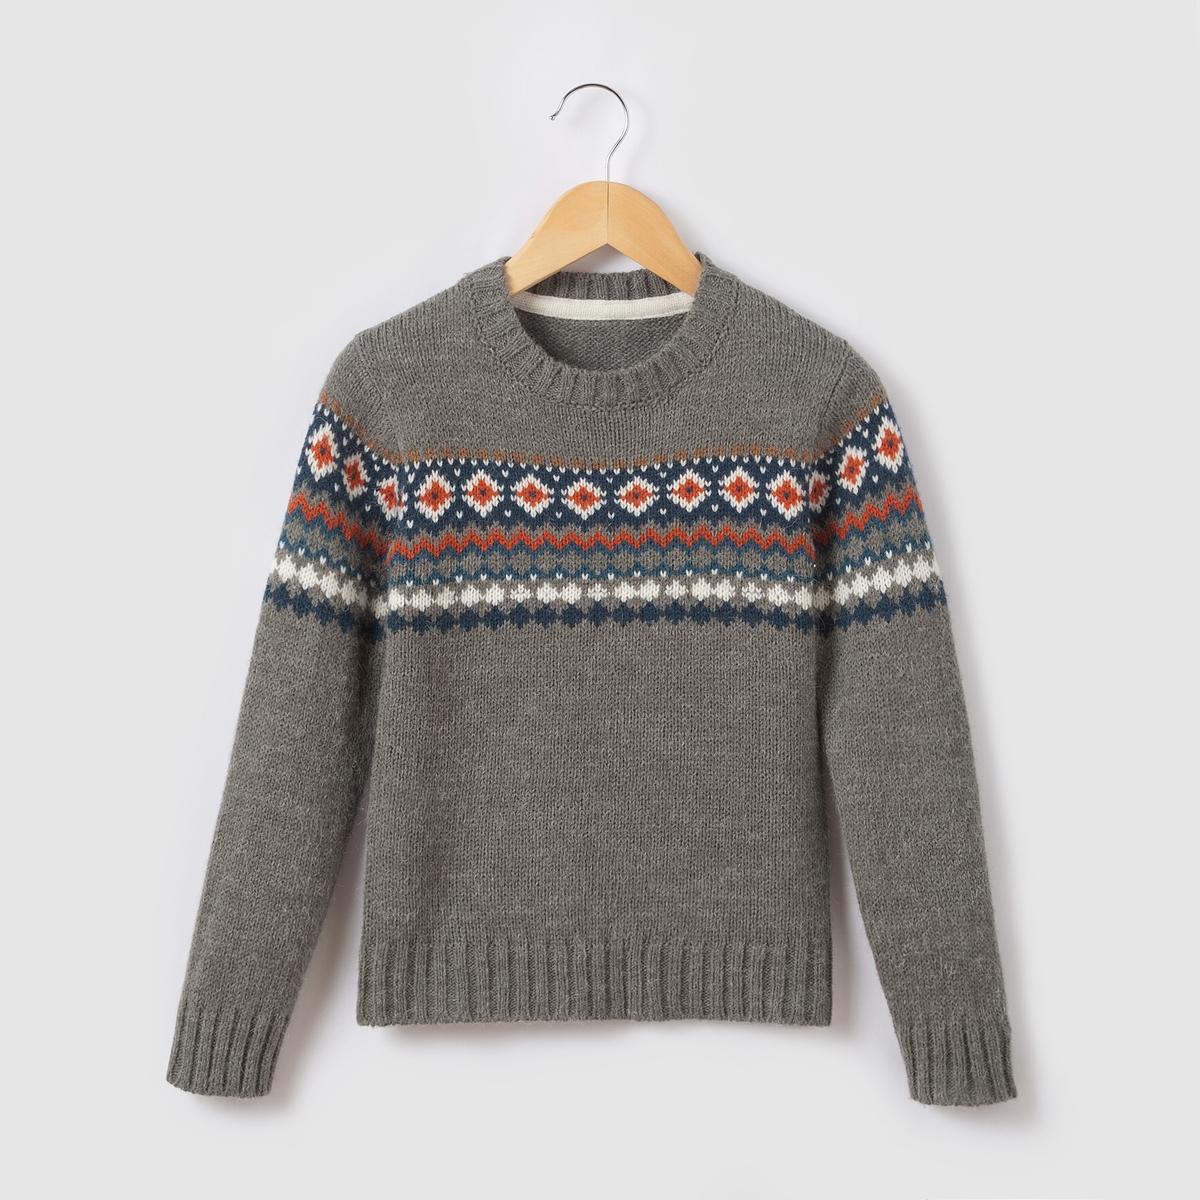 Пуловер из жаккардовой ткани фриз 3-12 лет